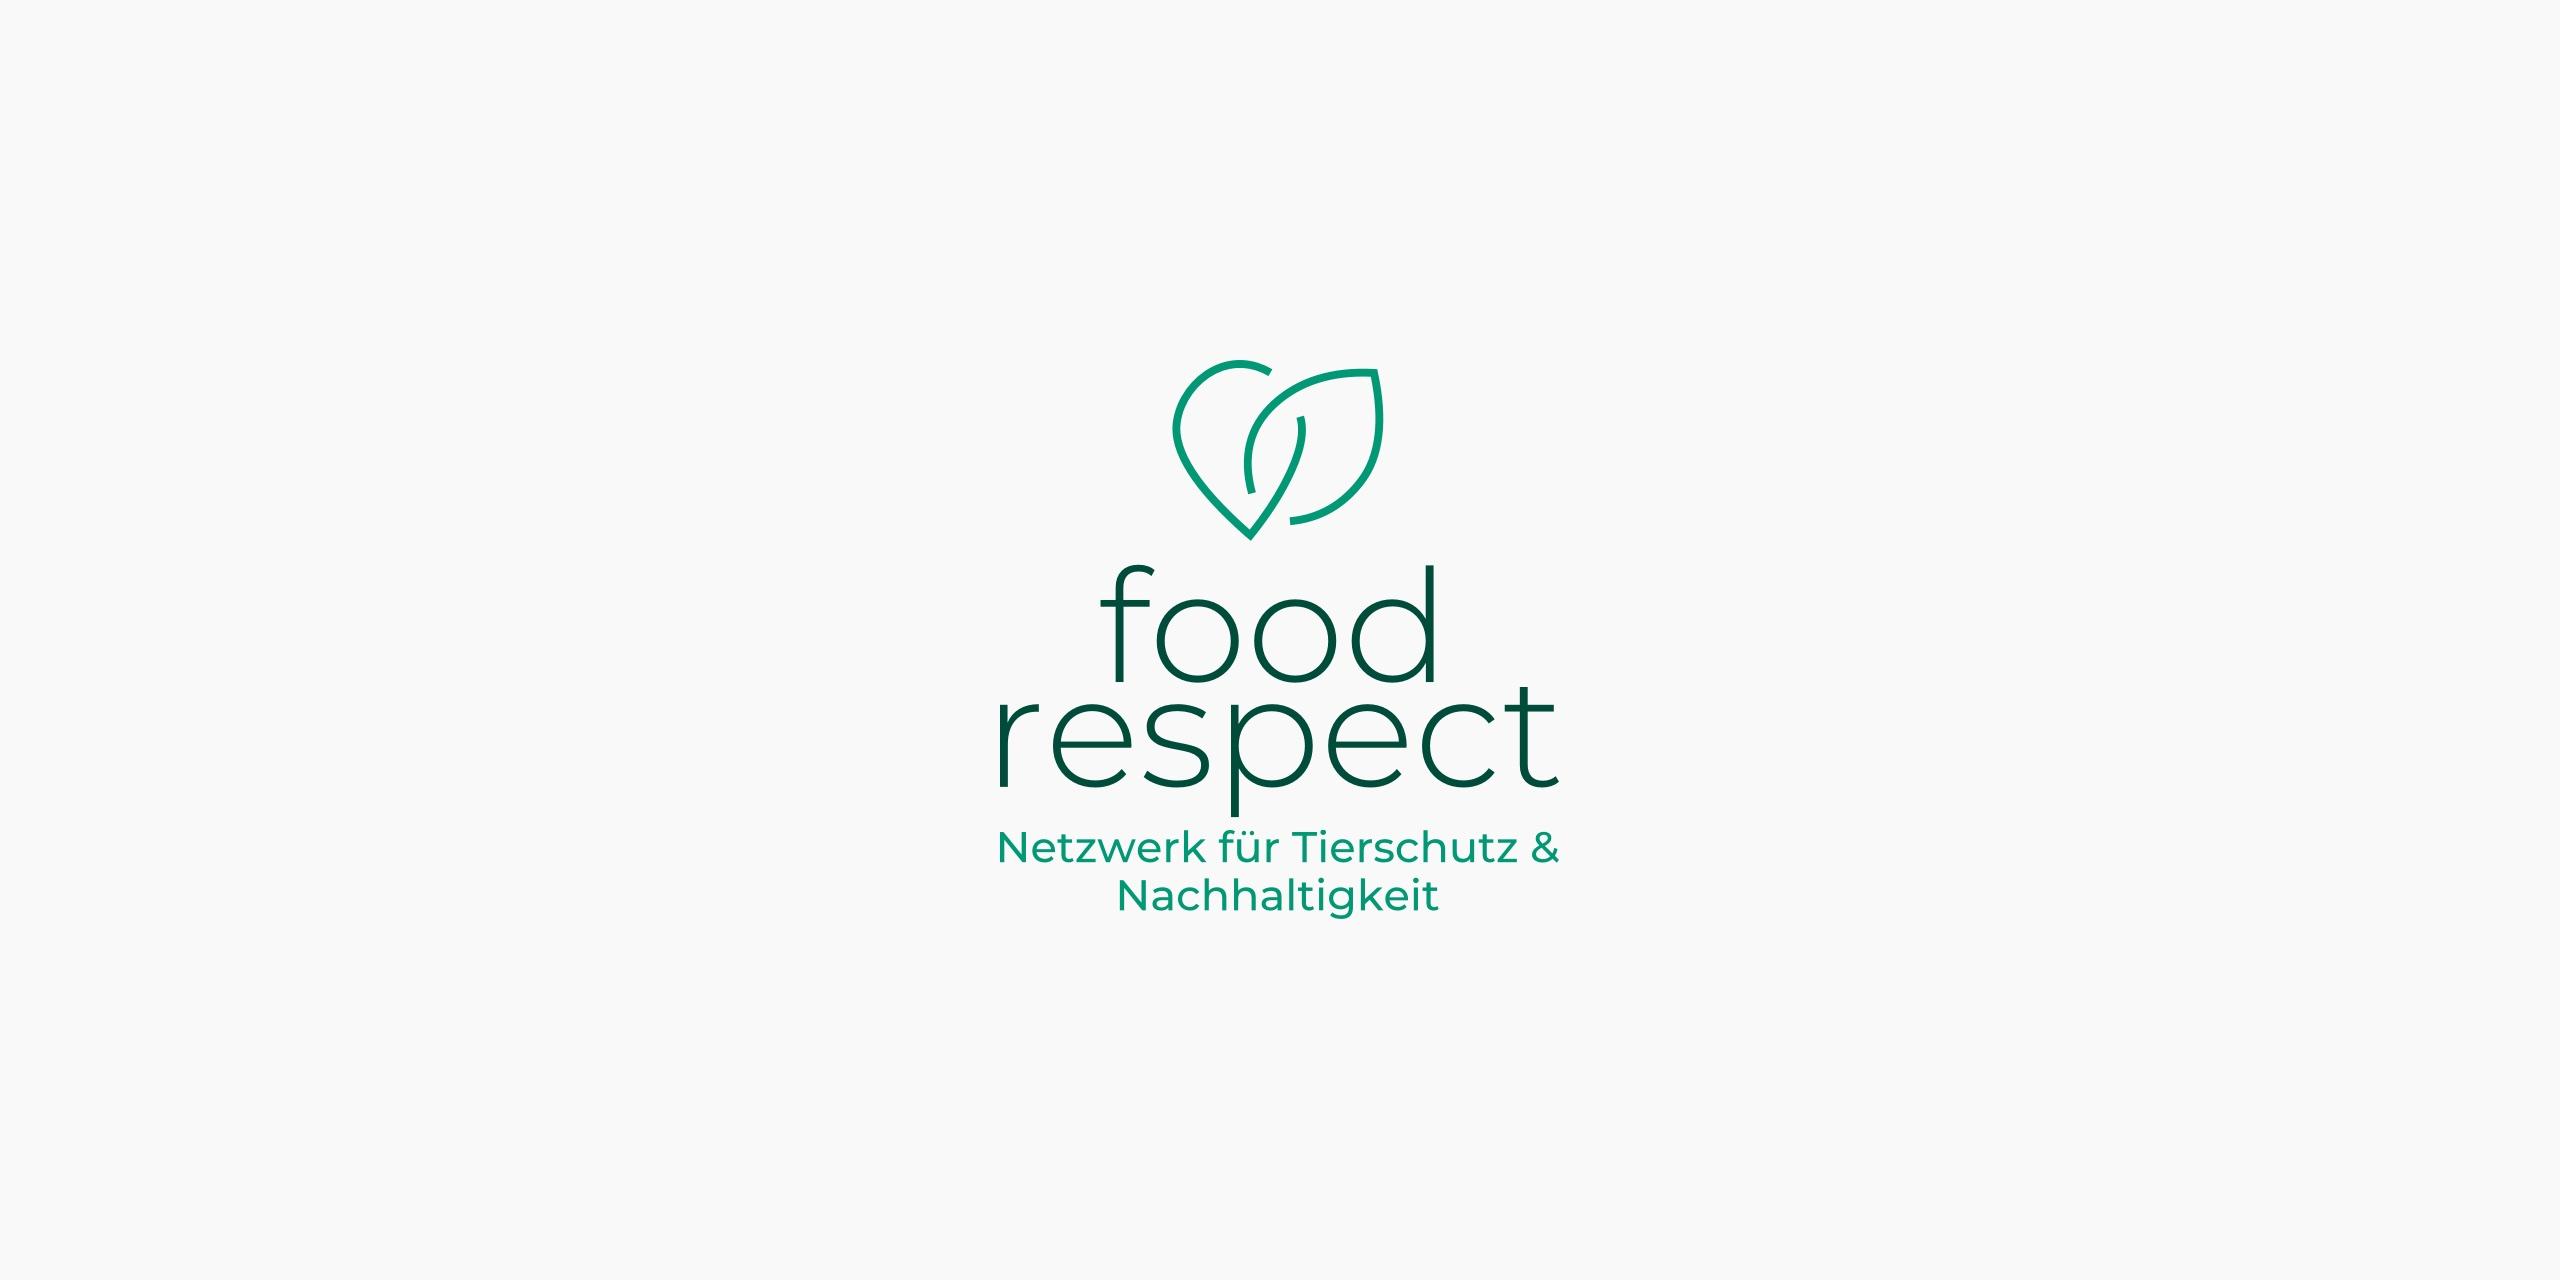 foodrespect Logogestaltung